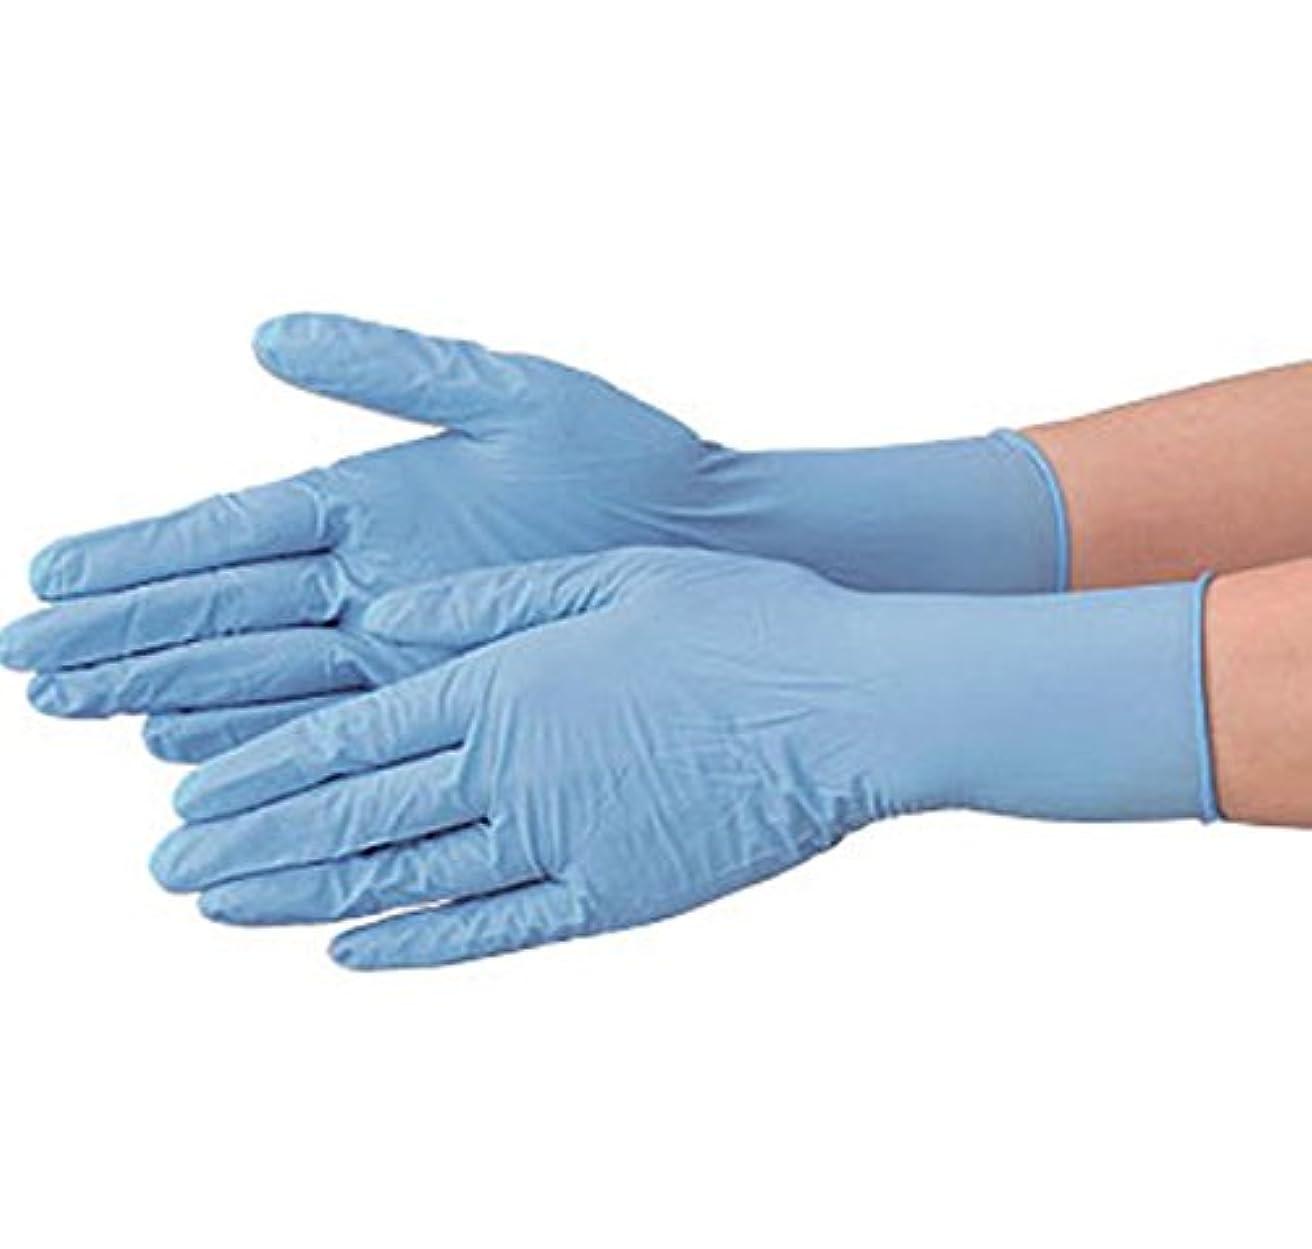 西部アシスタントバラエティ使い捨て 手袋 エブノ 520 ニトリル 極薄手袋 パウダーフリー ブルー Sサイズ 2ケース(100枚×40箱)